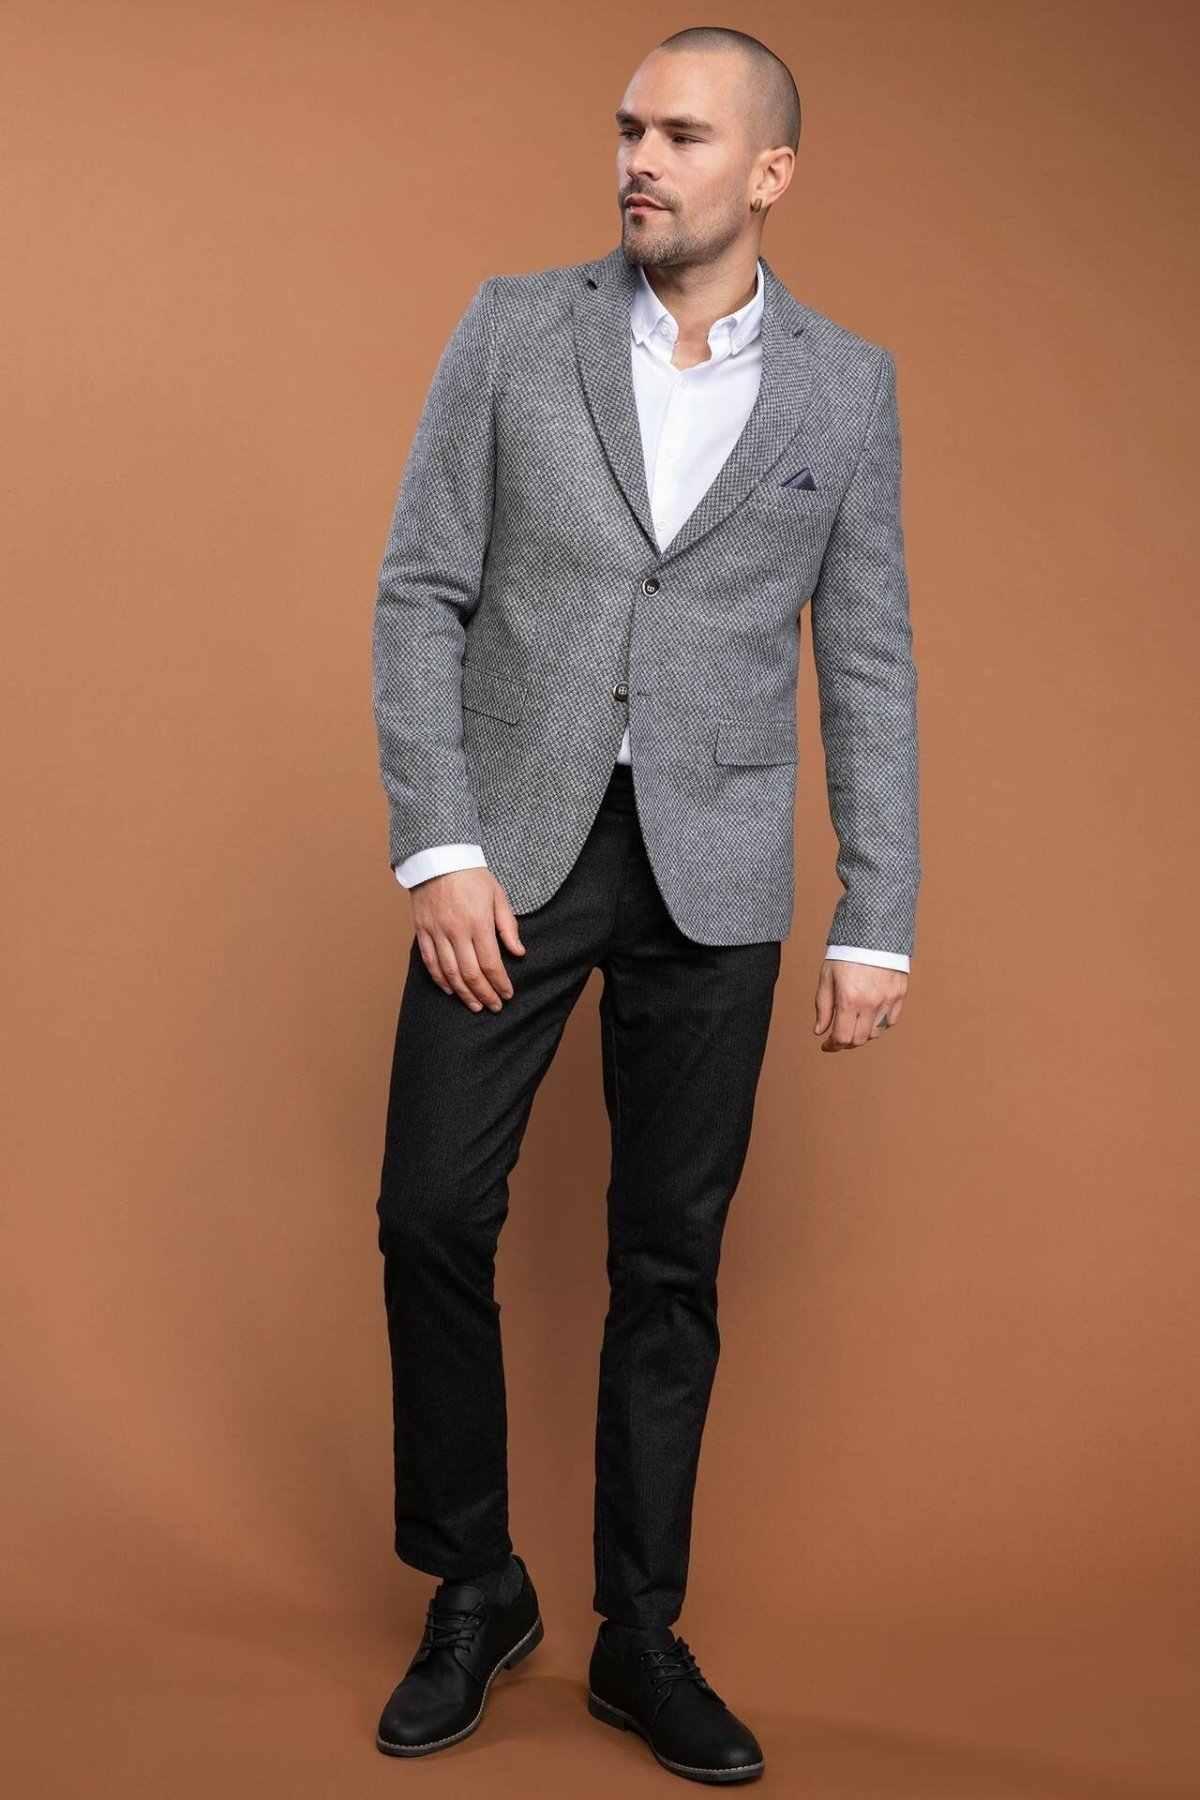 自由デファクト品質ブランドの男性秋の場面コートメンズファッションビジネスブレザージョーカー新 K6358AZ18WN